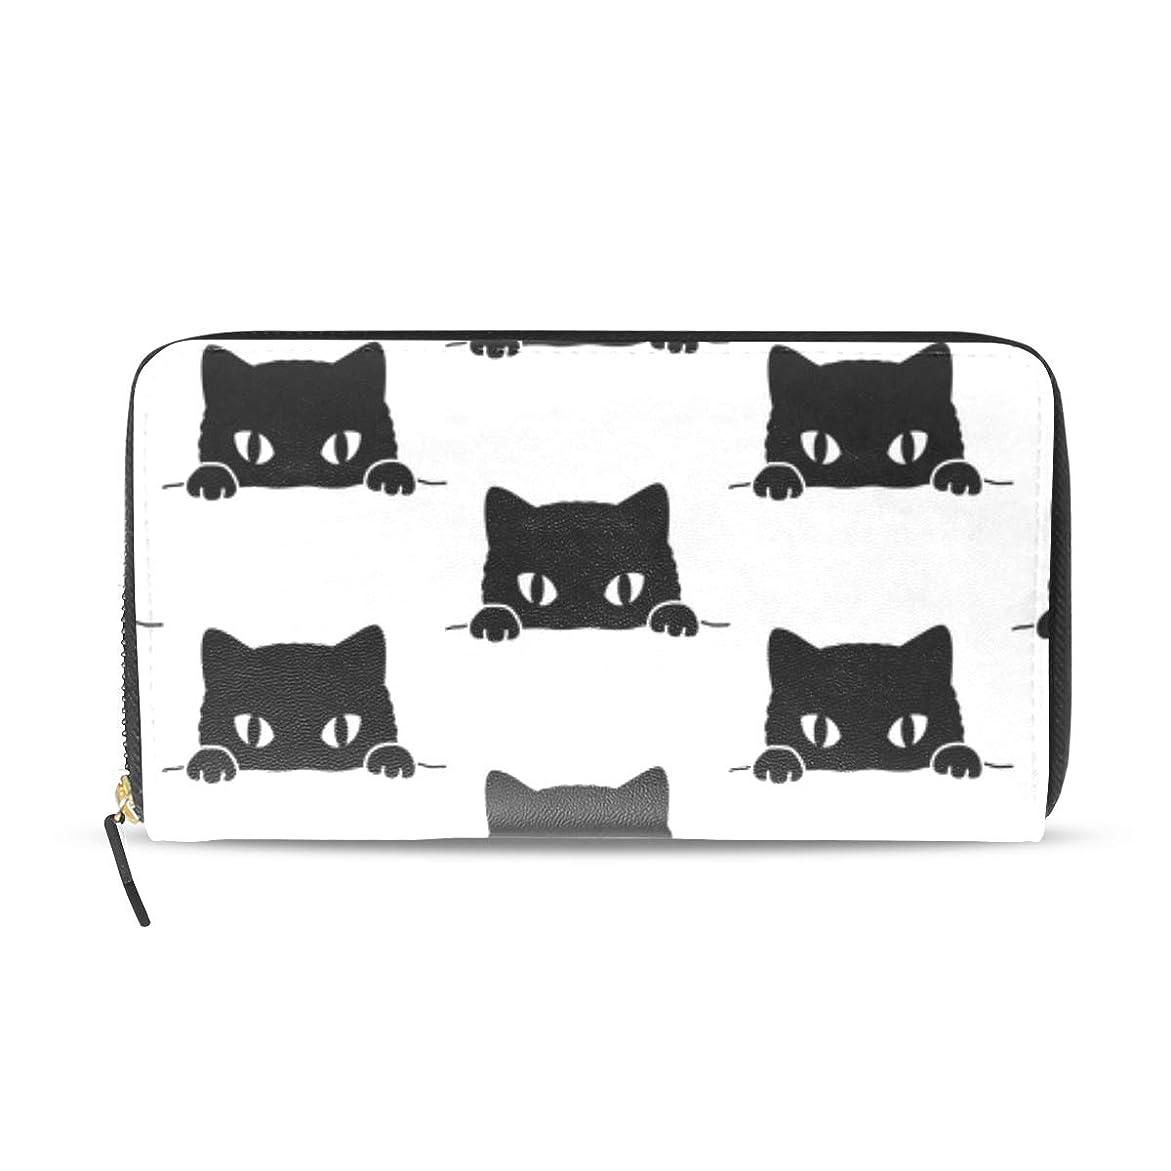 公爵無実気候旅立の店 長財布 人気 レディース メンズ 大容量多機能 二つ折り ラウンドファスナー PUレザー 黒猫柄 可愛い ウォレット ブラック